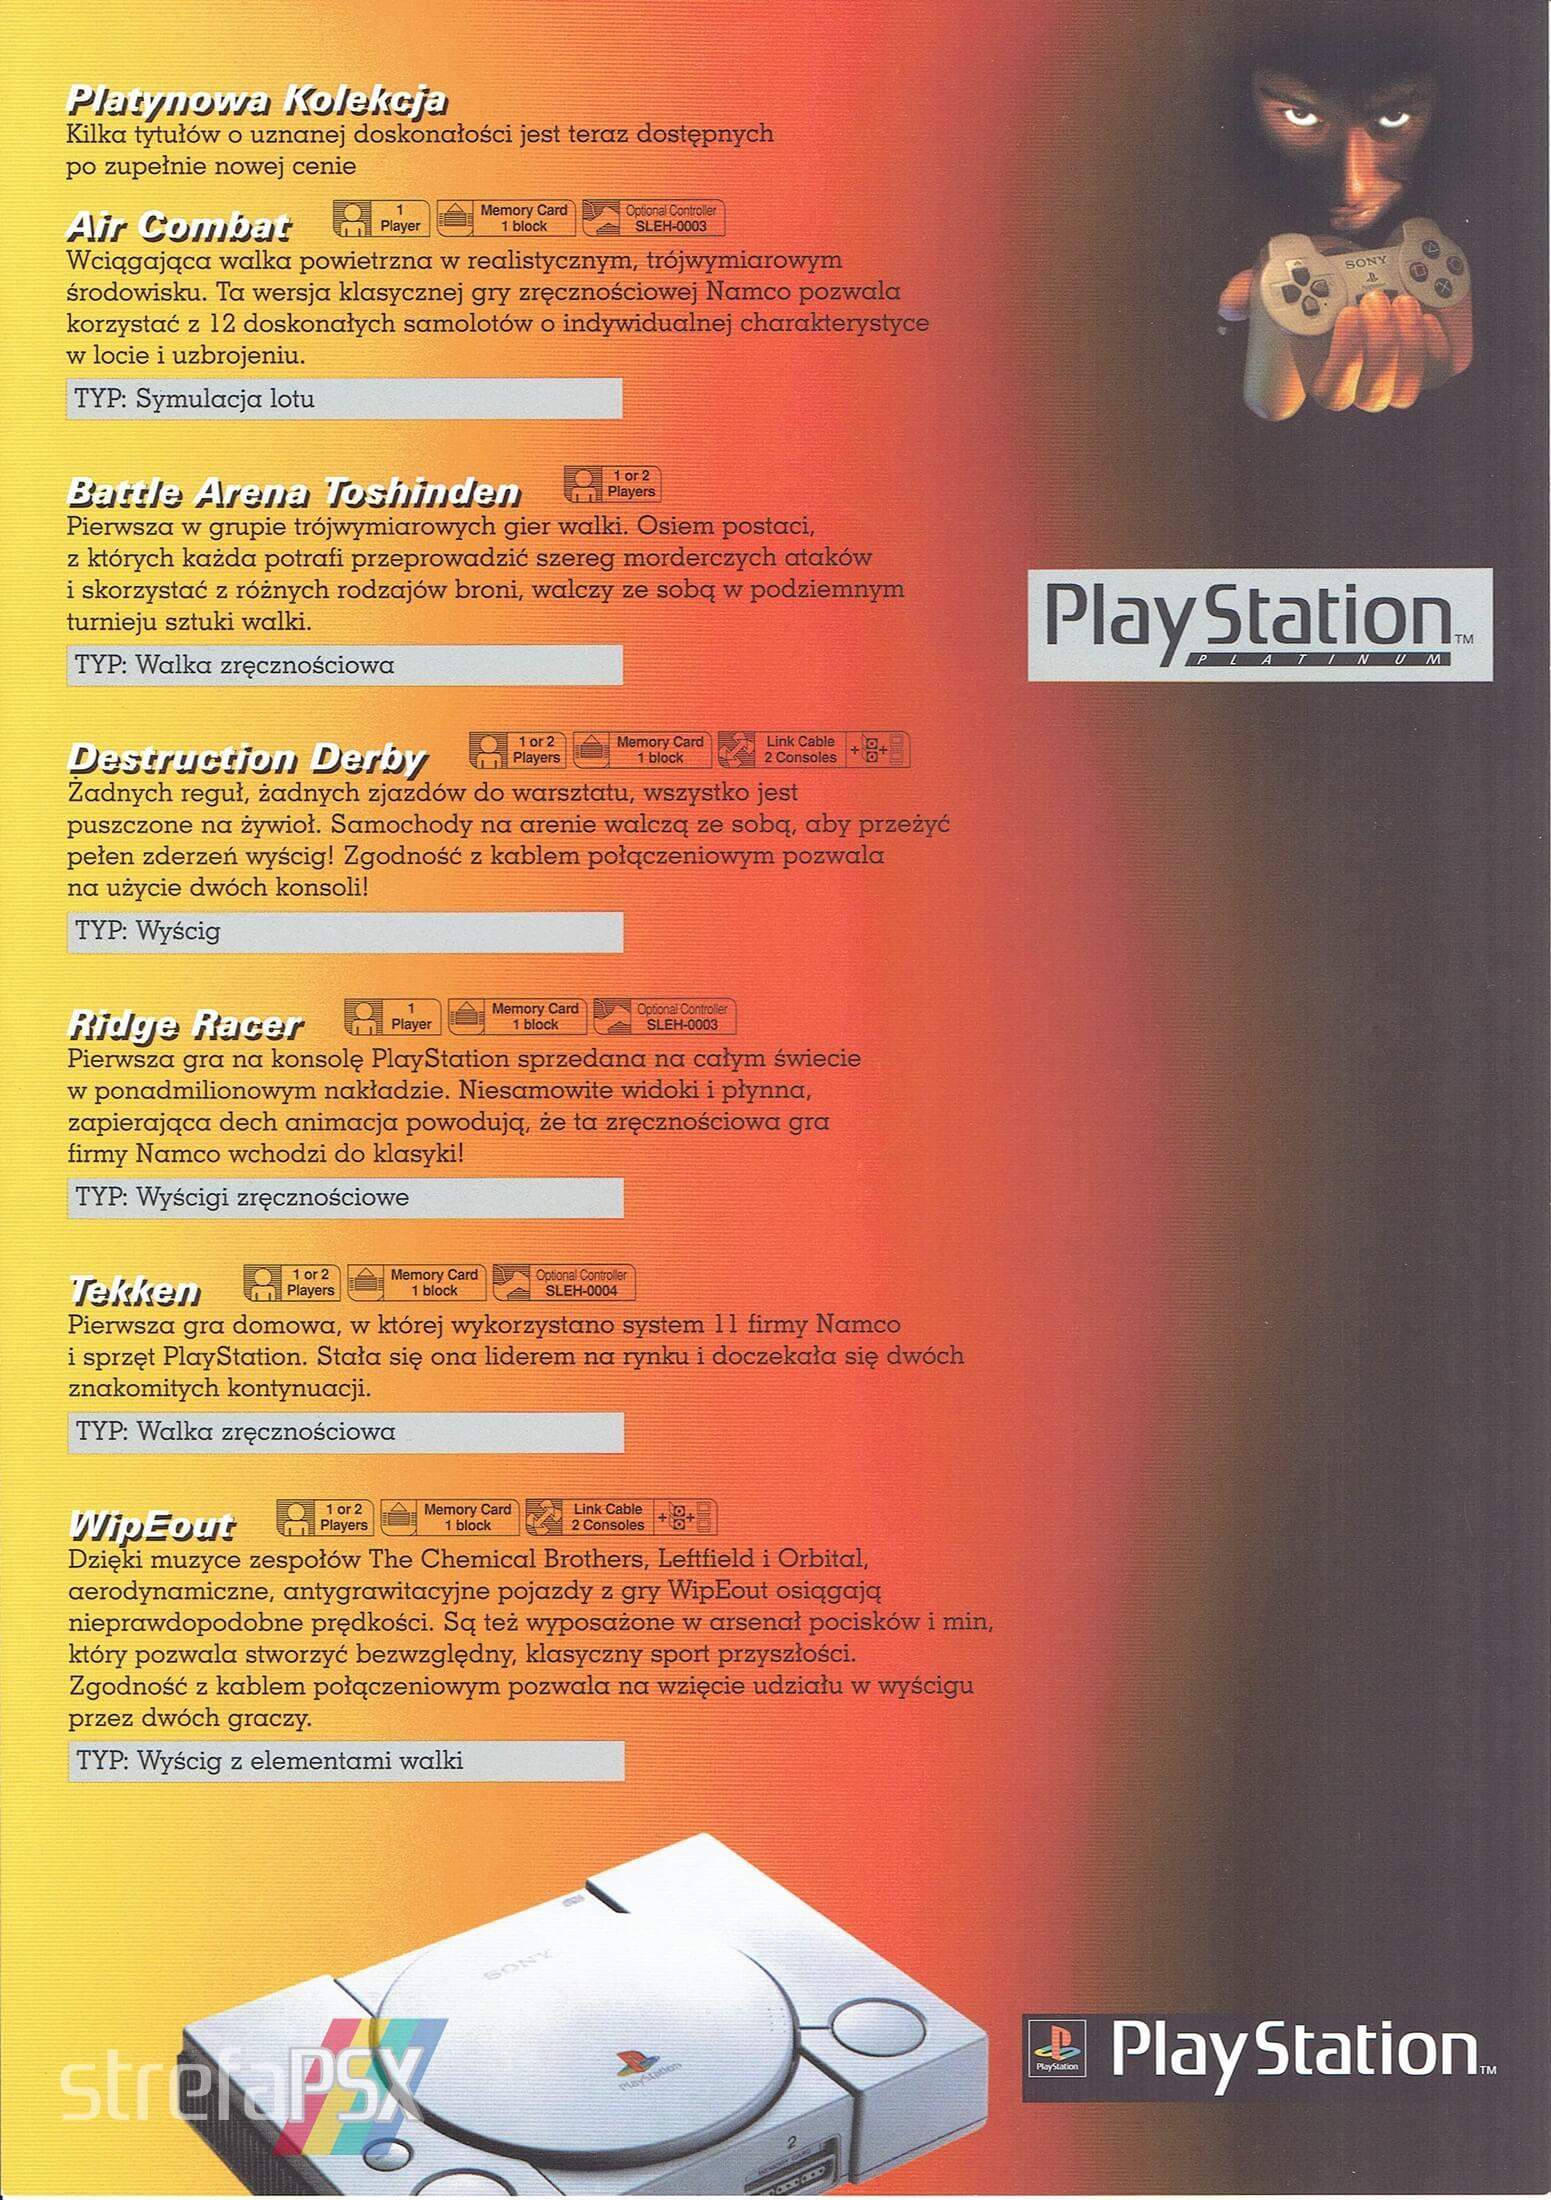 broszura reklamowa psx 10 - Broszury reklamowe PlayStation z dawnych lat